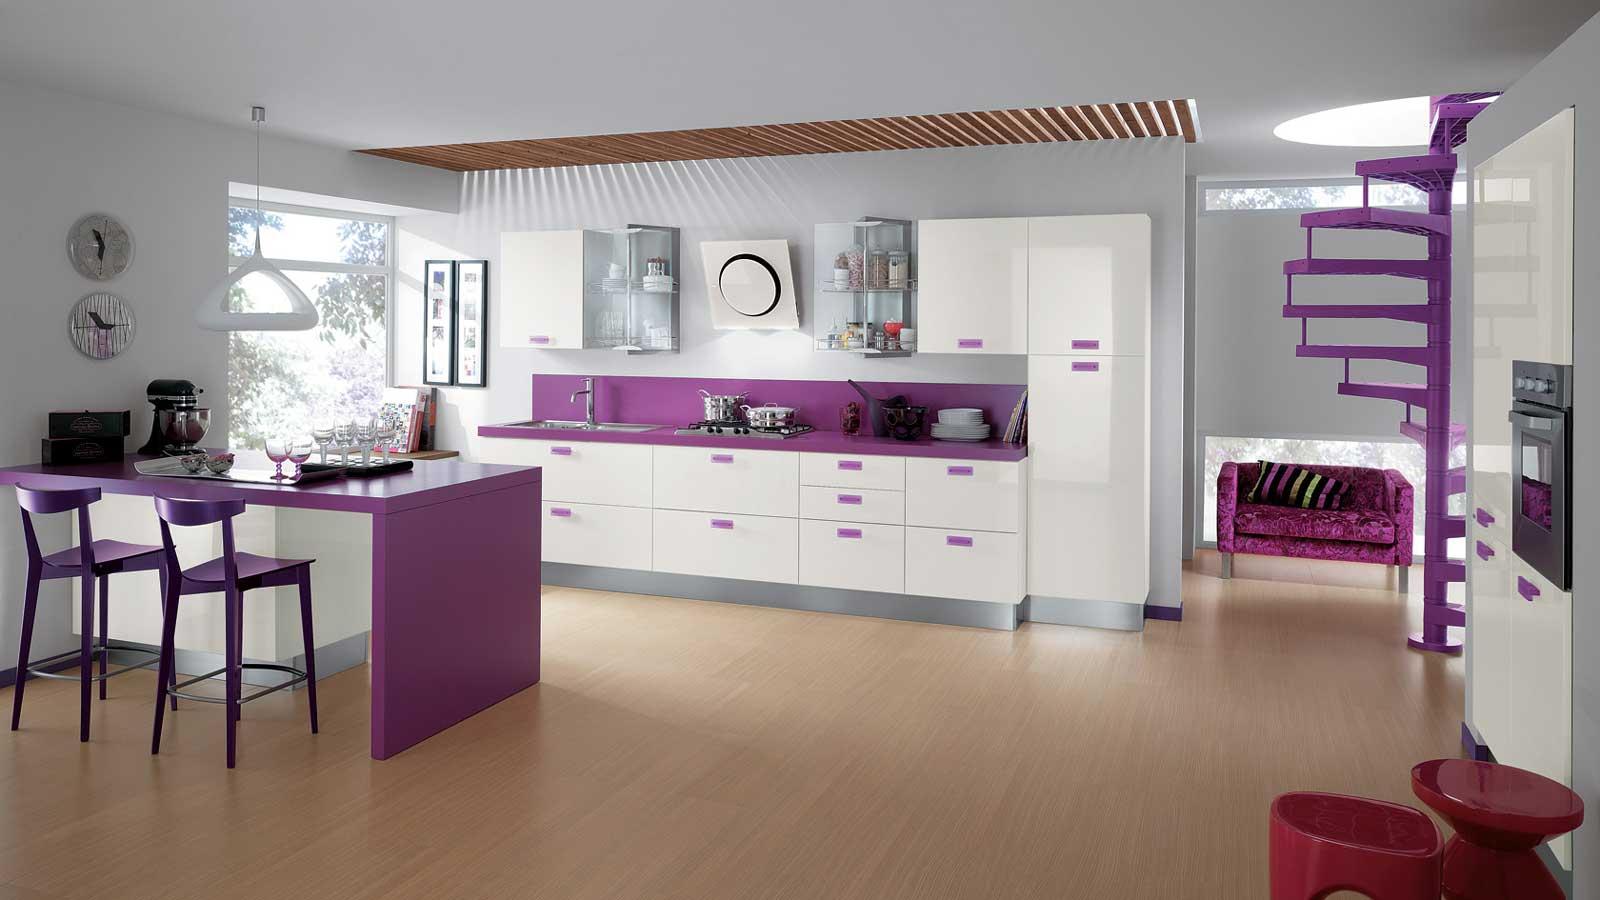 Scavolini Sax Kitchen By Vuesse Wood Furniturebiz